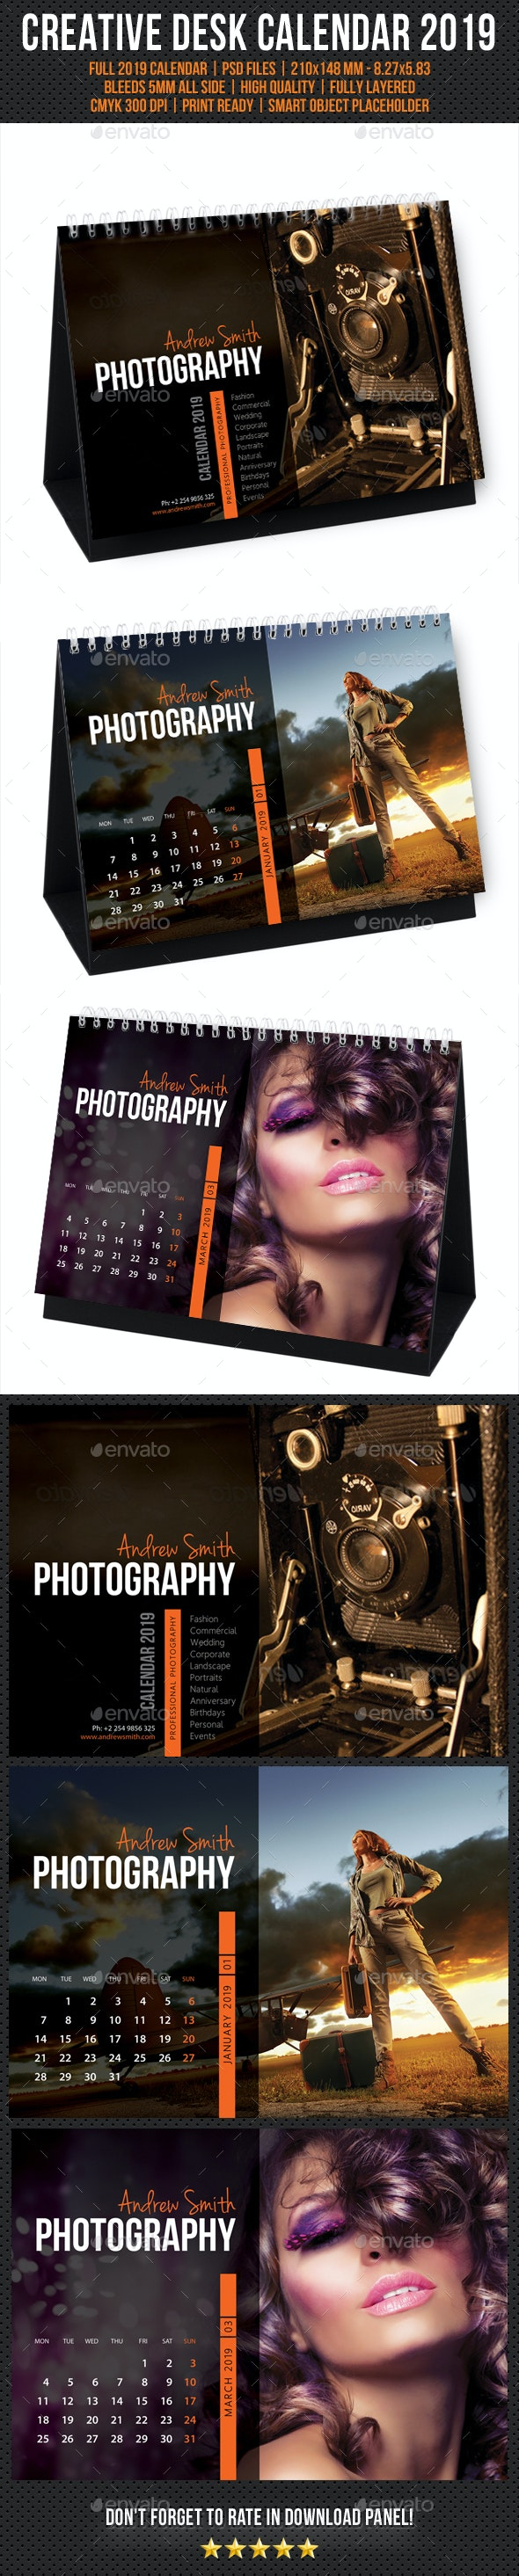 Creative Desk Calendar 2019 V10 - Calendars Stationery